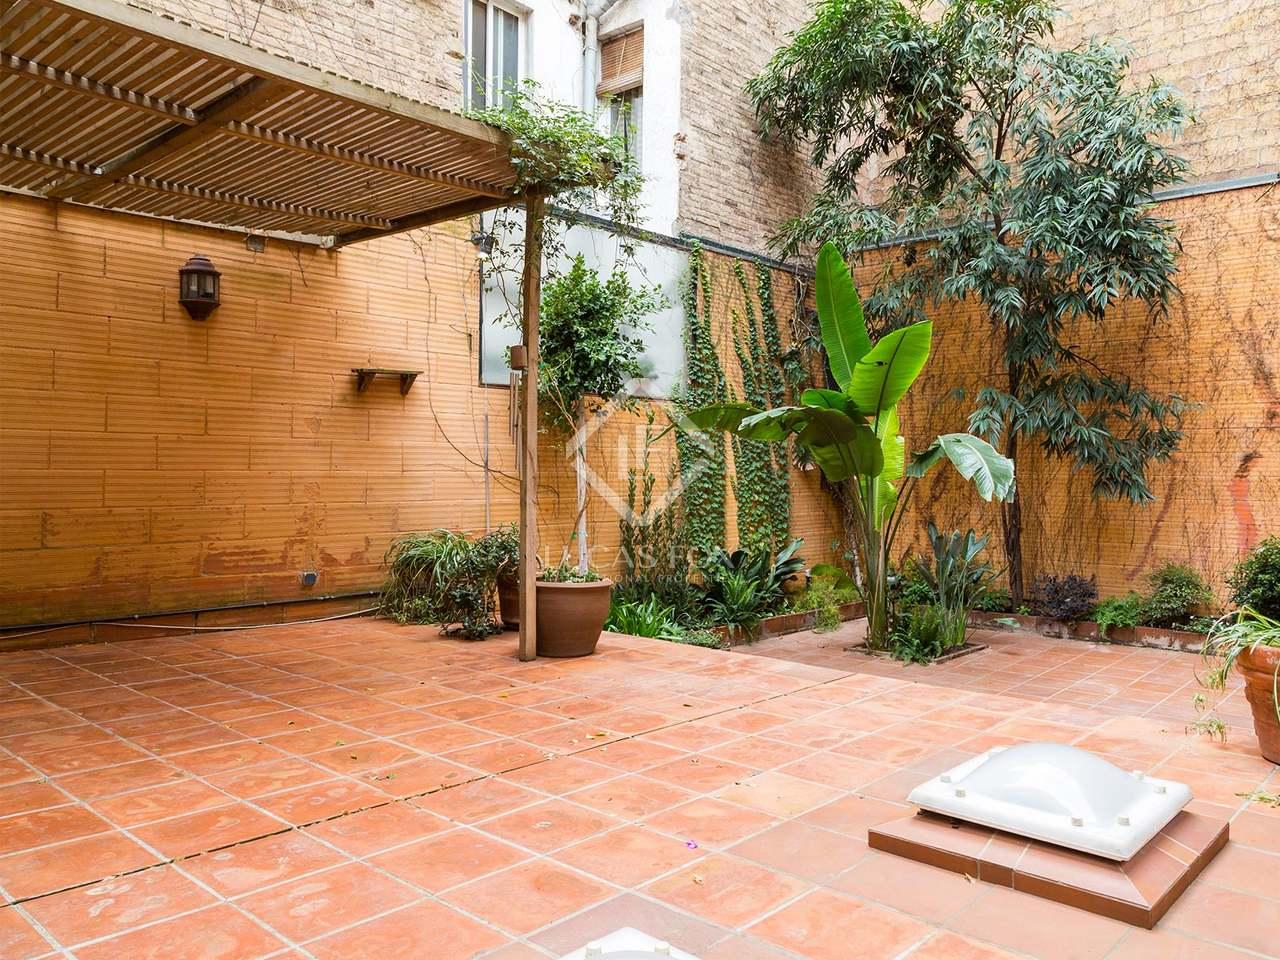 Casa con terraza en alquiler en gr cia barcelona for Alquiler garaje barcelona